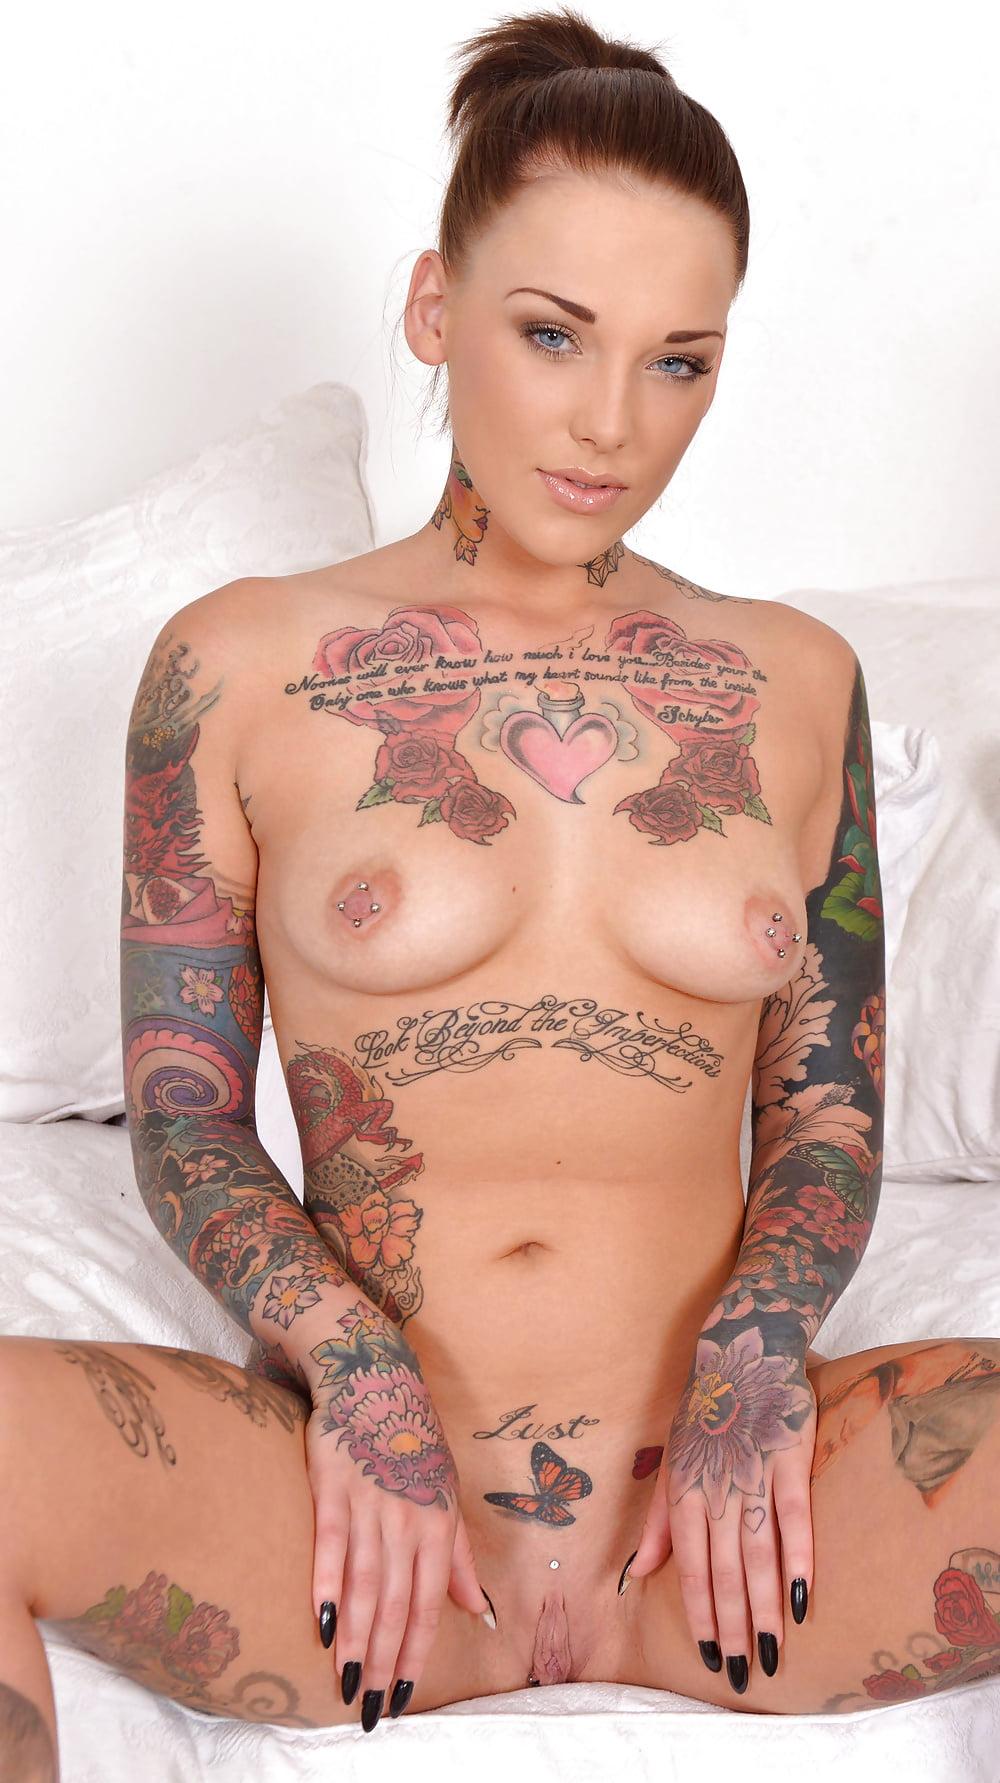 Рыжая порноактриса с татуировкой пистолета